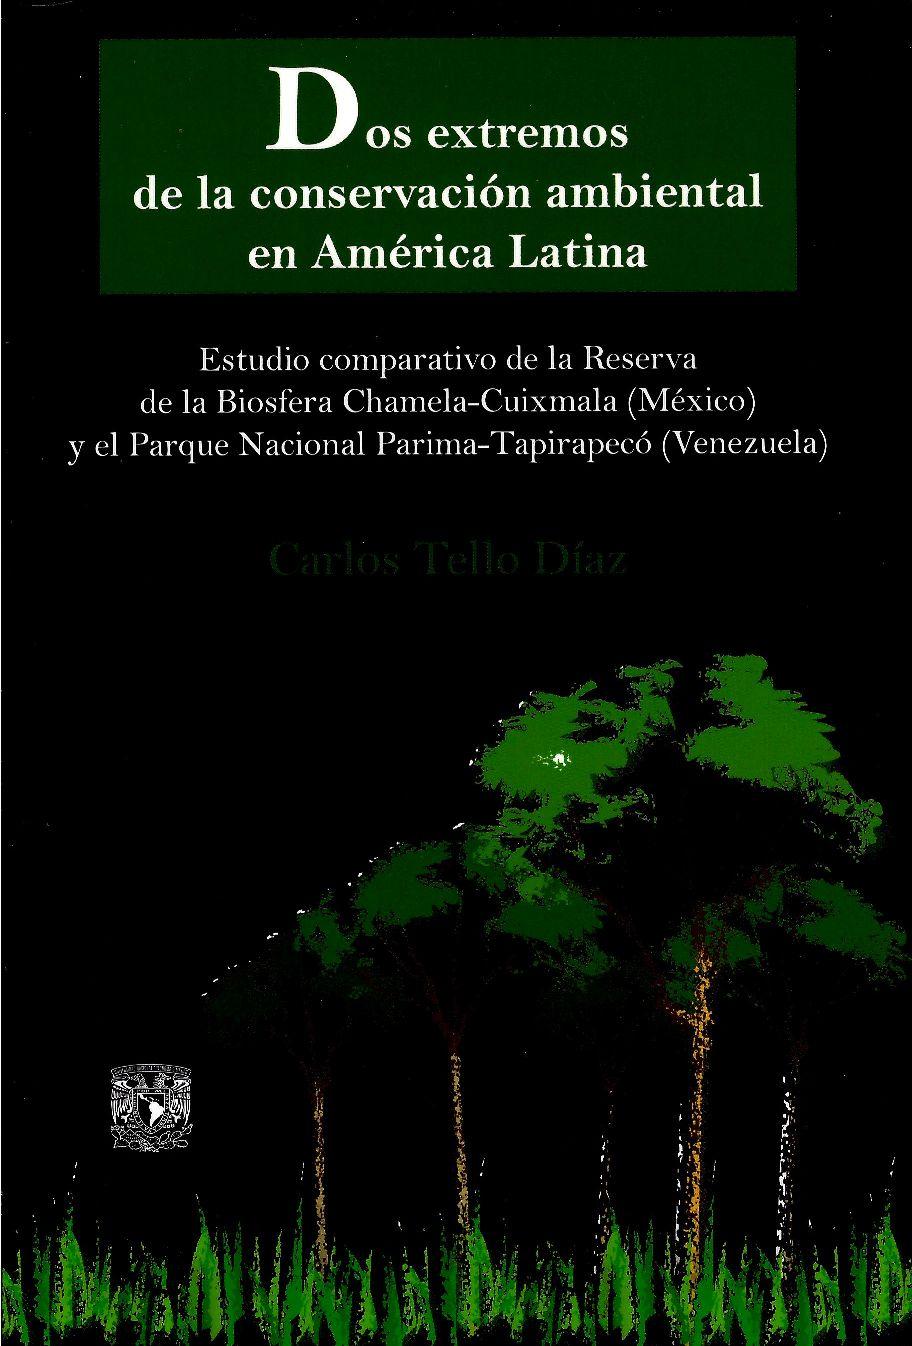 Dos extremos de la conservación ambiental en América Latina estudio comparativo de la Reserva de la Biosfera Chamela-Cuixmala (México) y el Parque Nacional Parima-Tapirapecó (Venezuela)